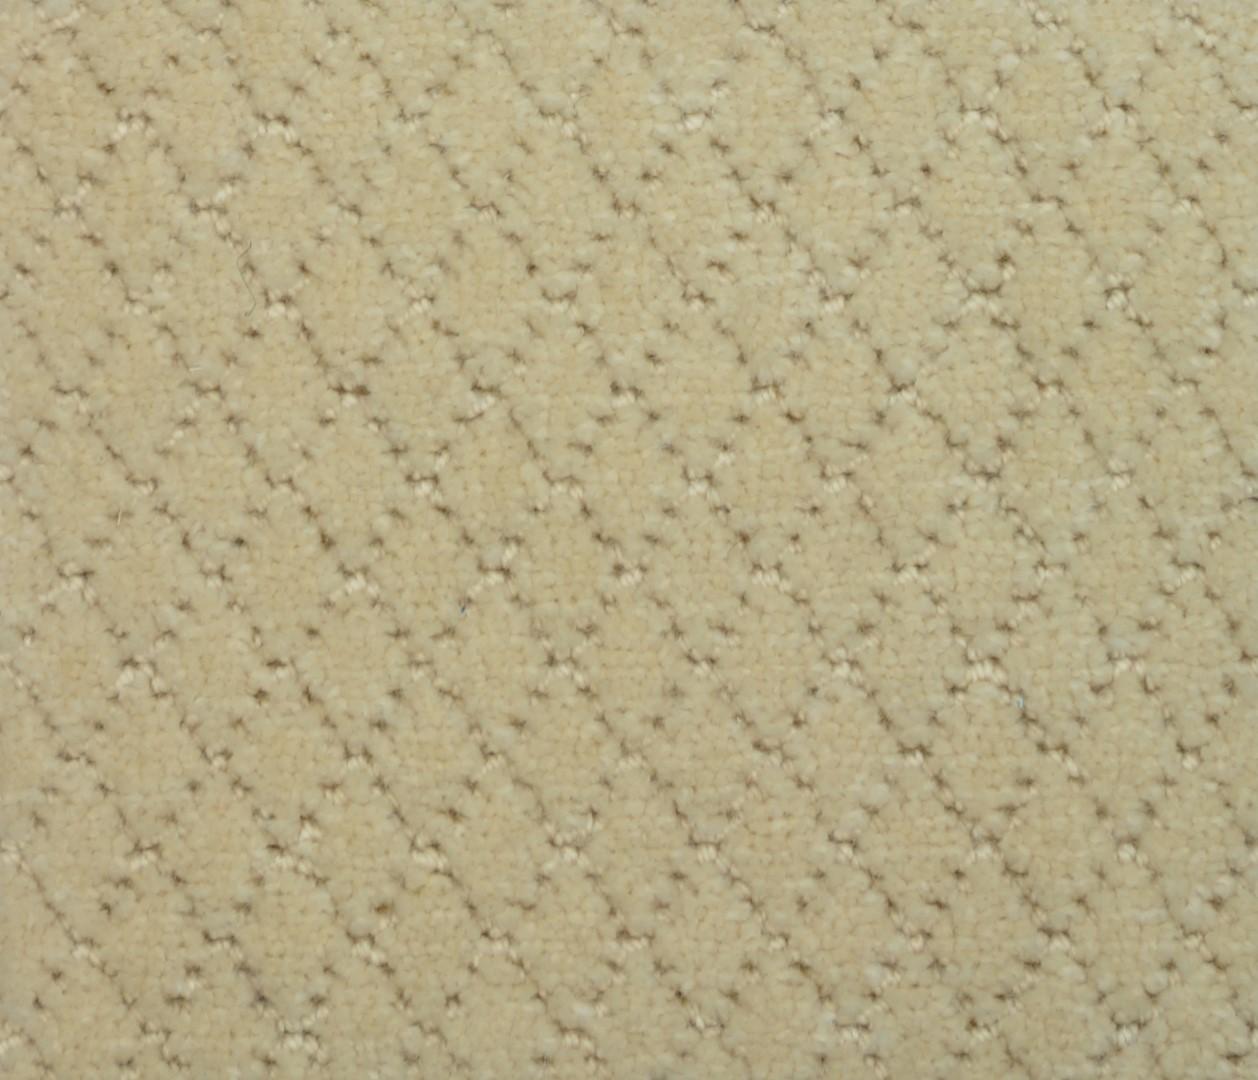 Moquette tiss e 100 laine unie structur e ray e structure alv oles beige collection textile for Moquette rayee